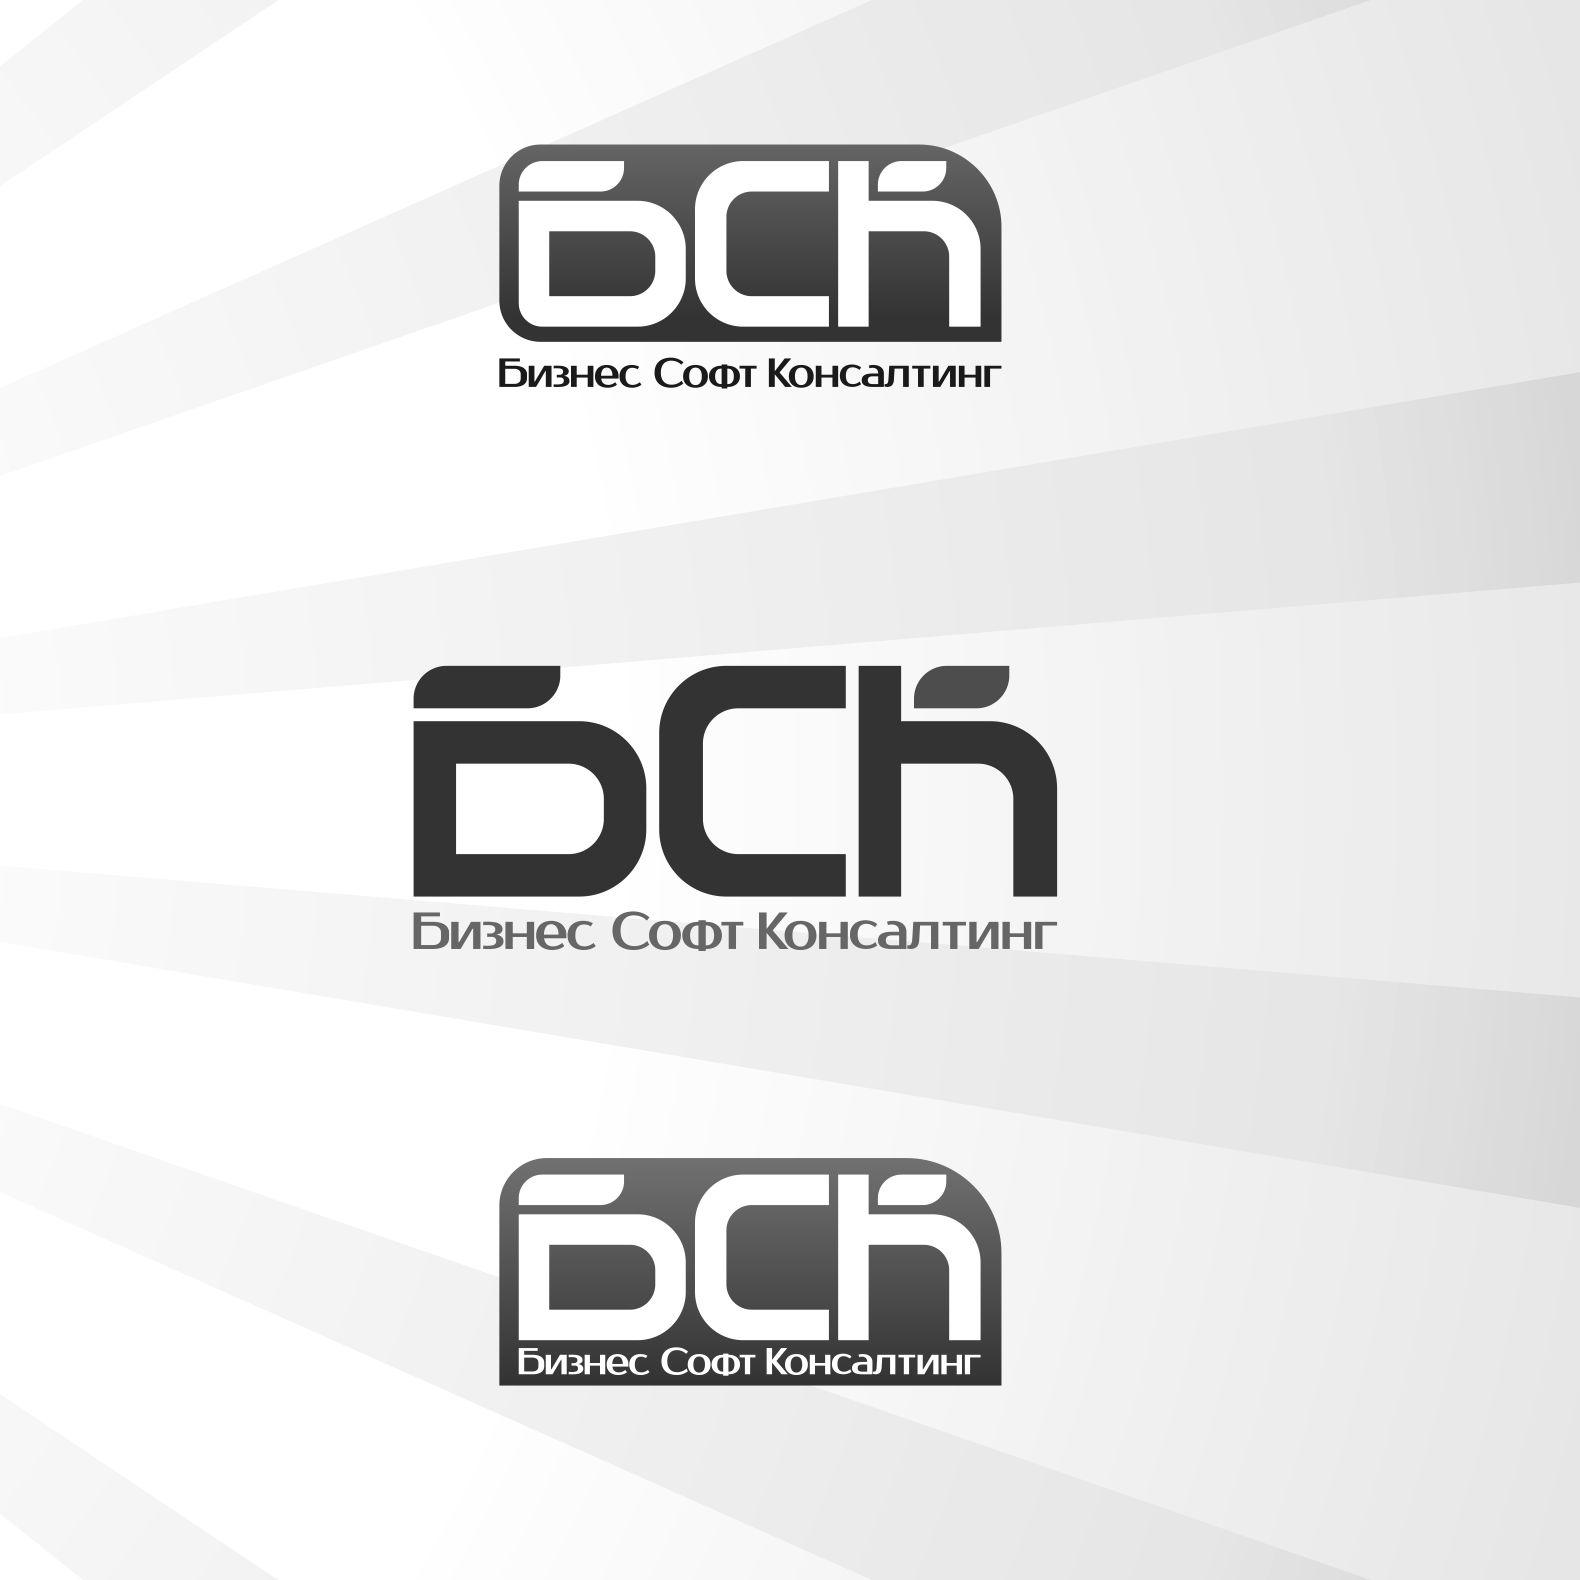 Разработать логотип со смыслом для компании-разработчика ПО фото f_5045bc25a95e2.jpg